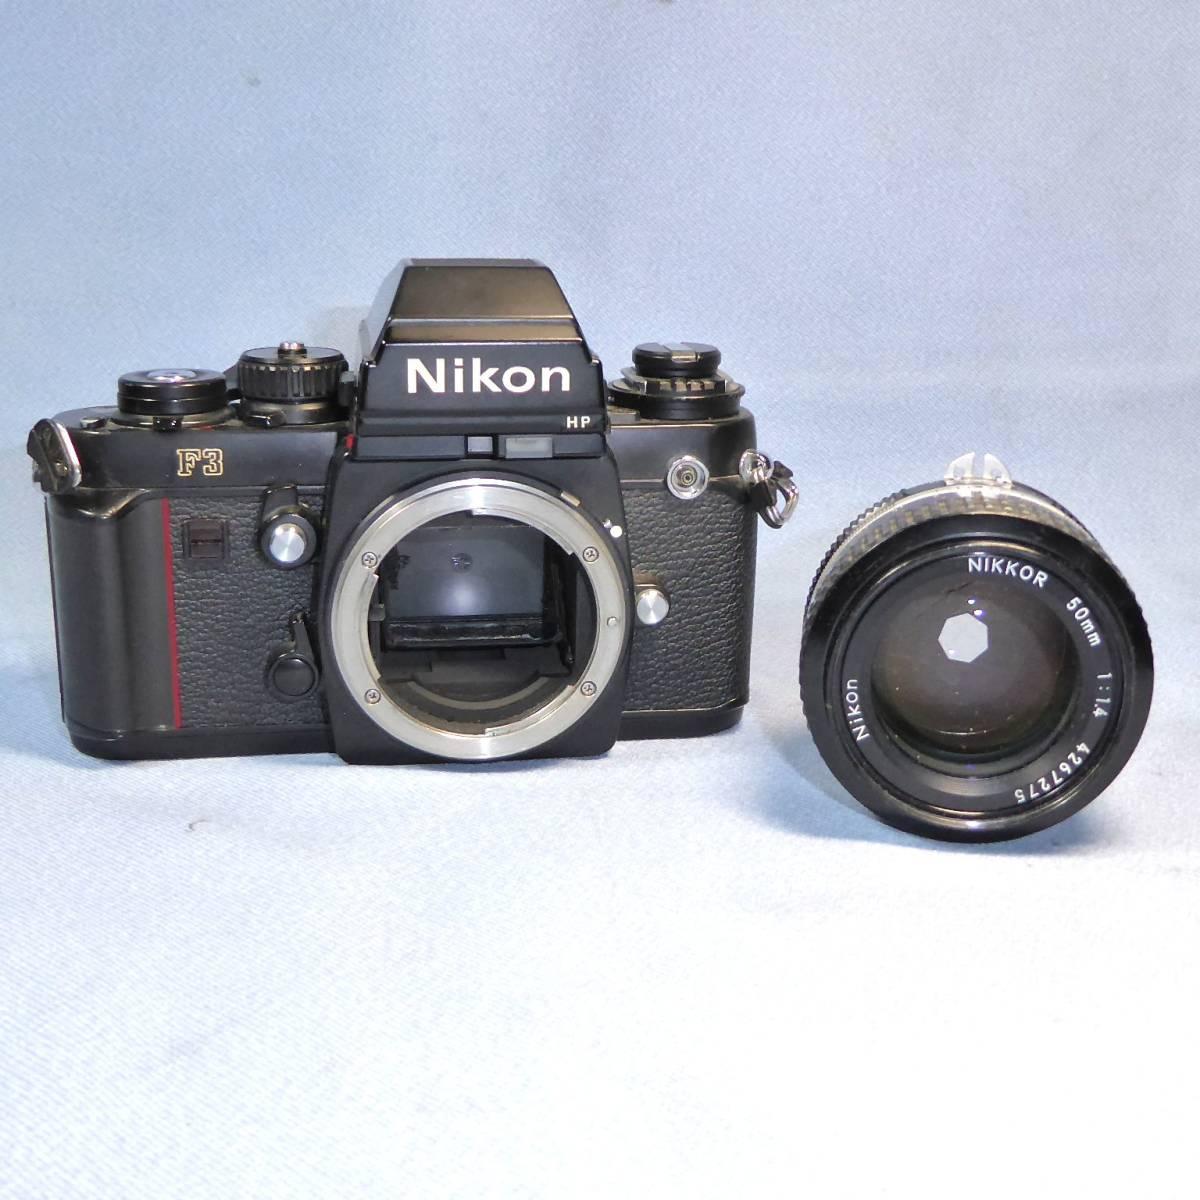 ★  綺麗  諸動作快調  ★   NIKON    F 3  HP   +   MD - 4   +   NIKKOR   50mm/F1.4   +  NIKON ストラップ _画像10